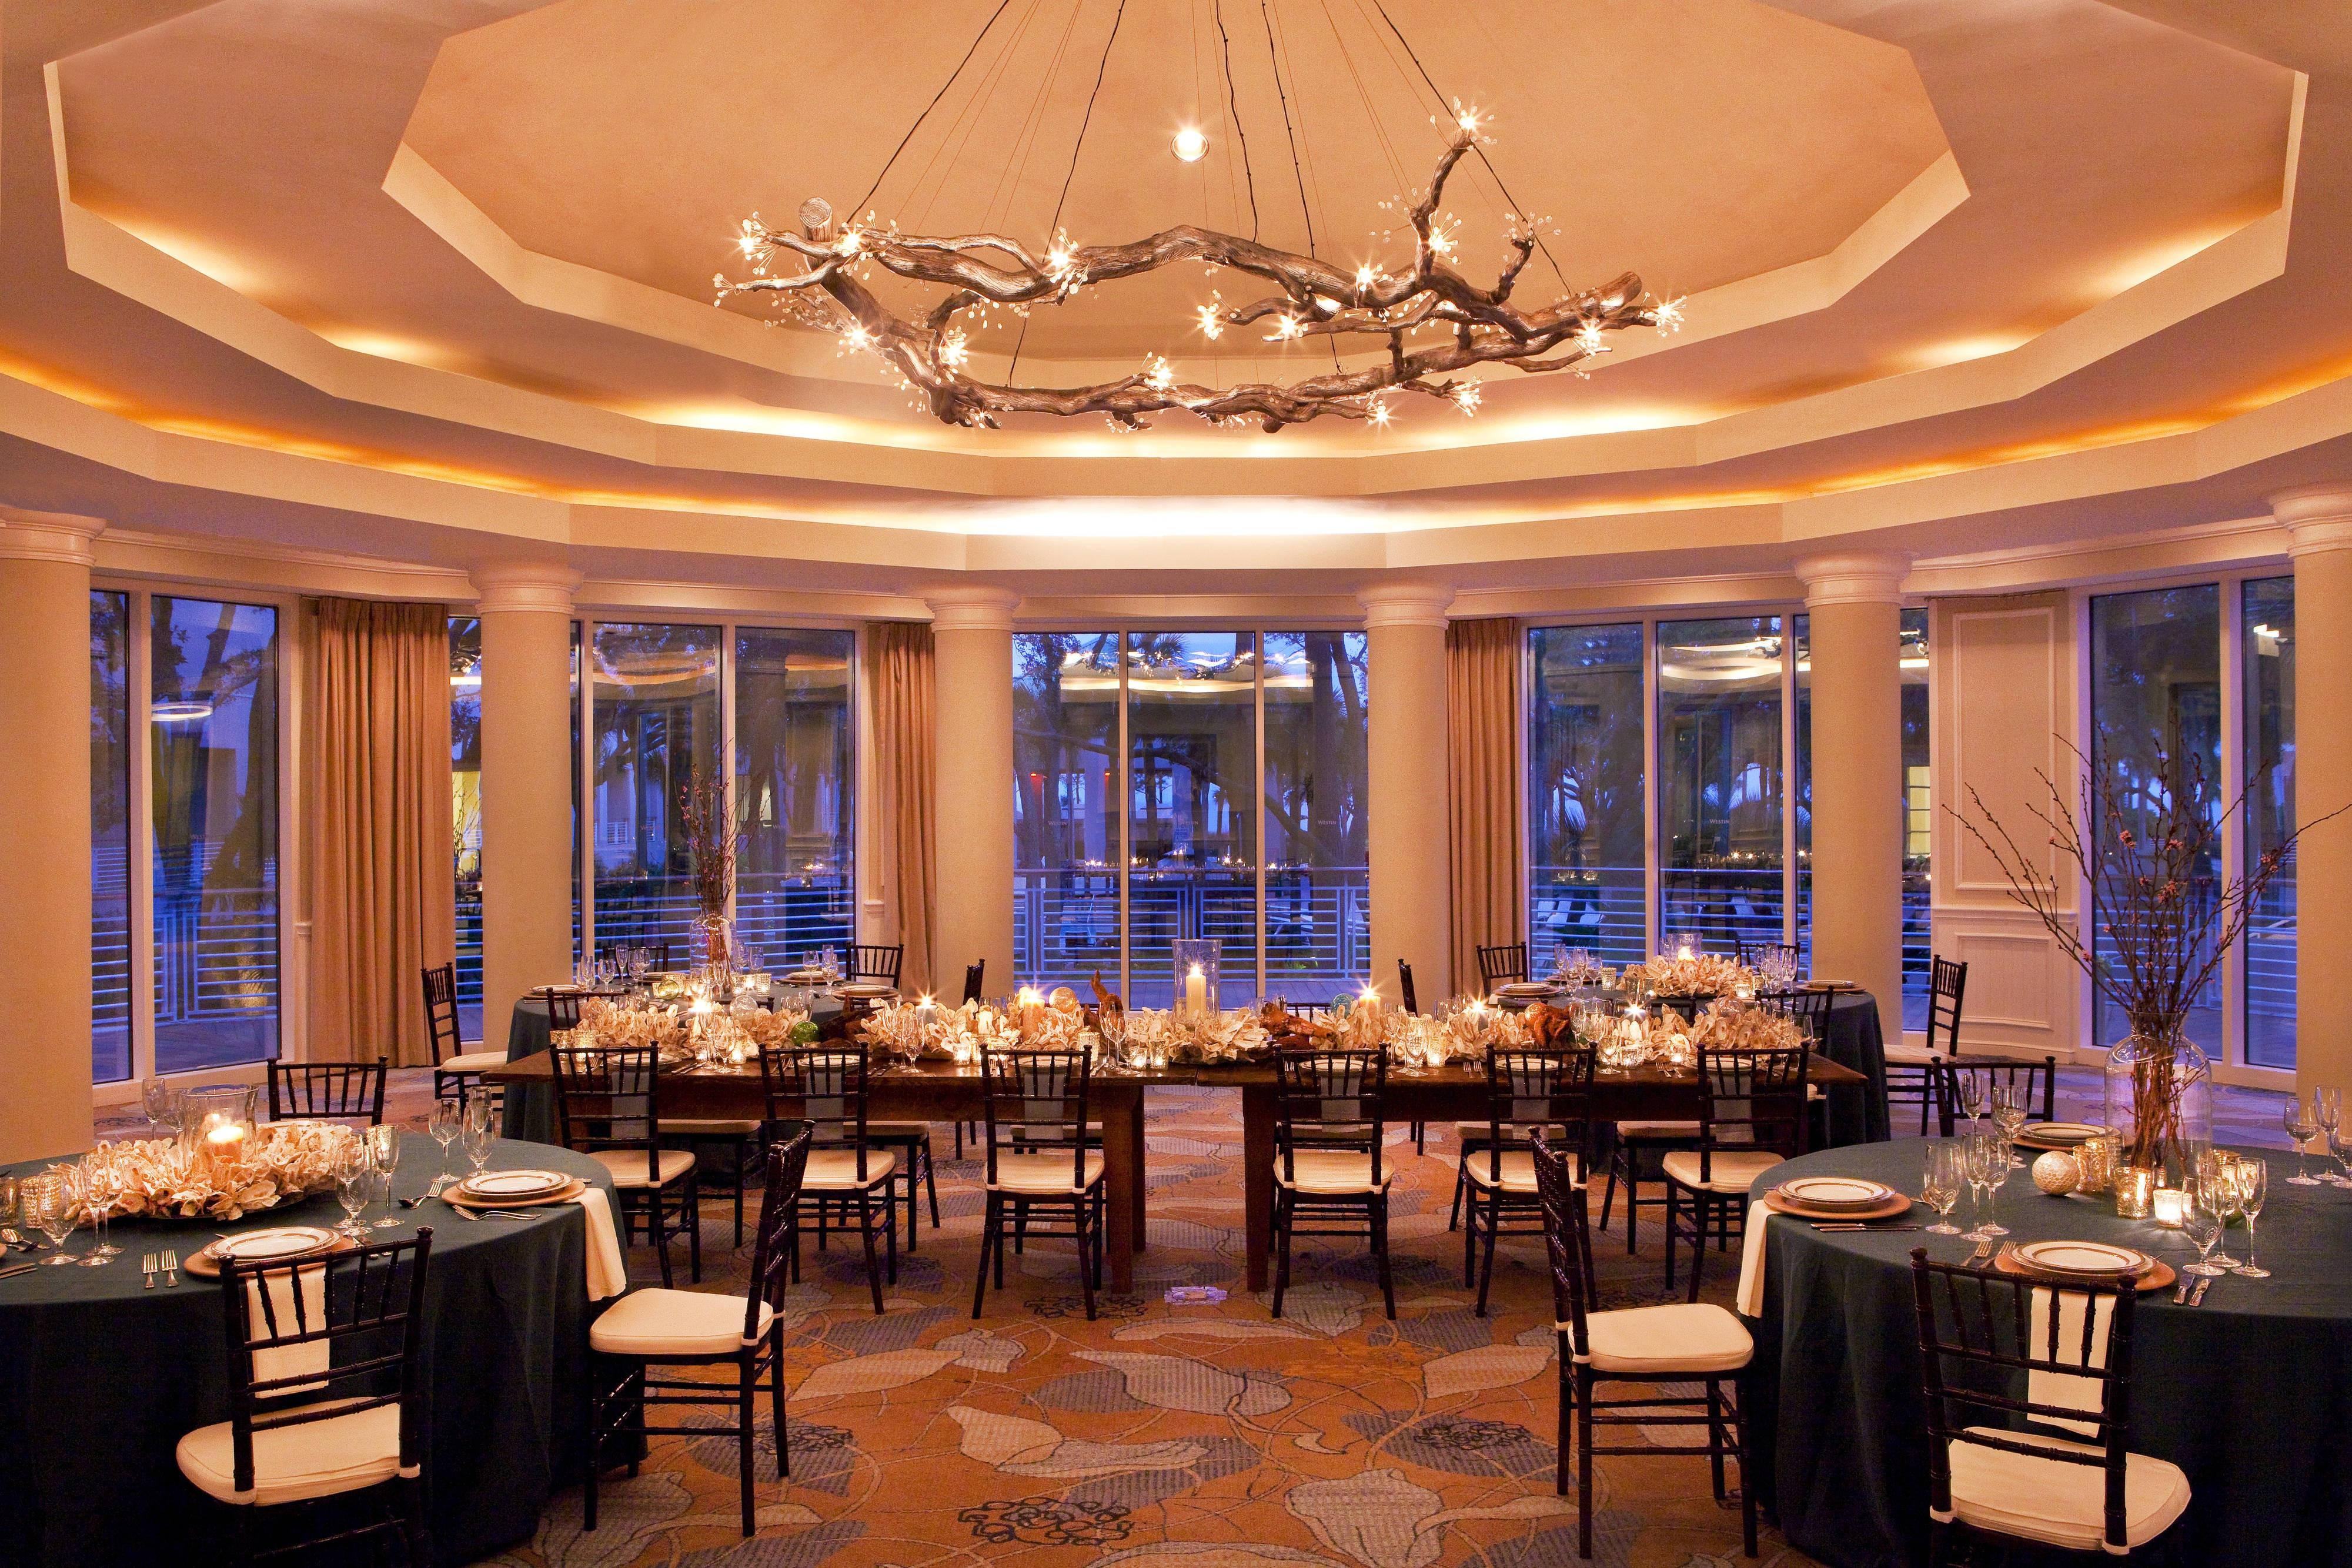 Mitchelville Gazebo Room Dinner